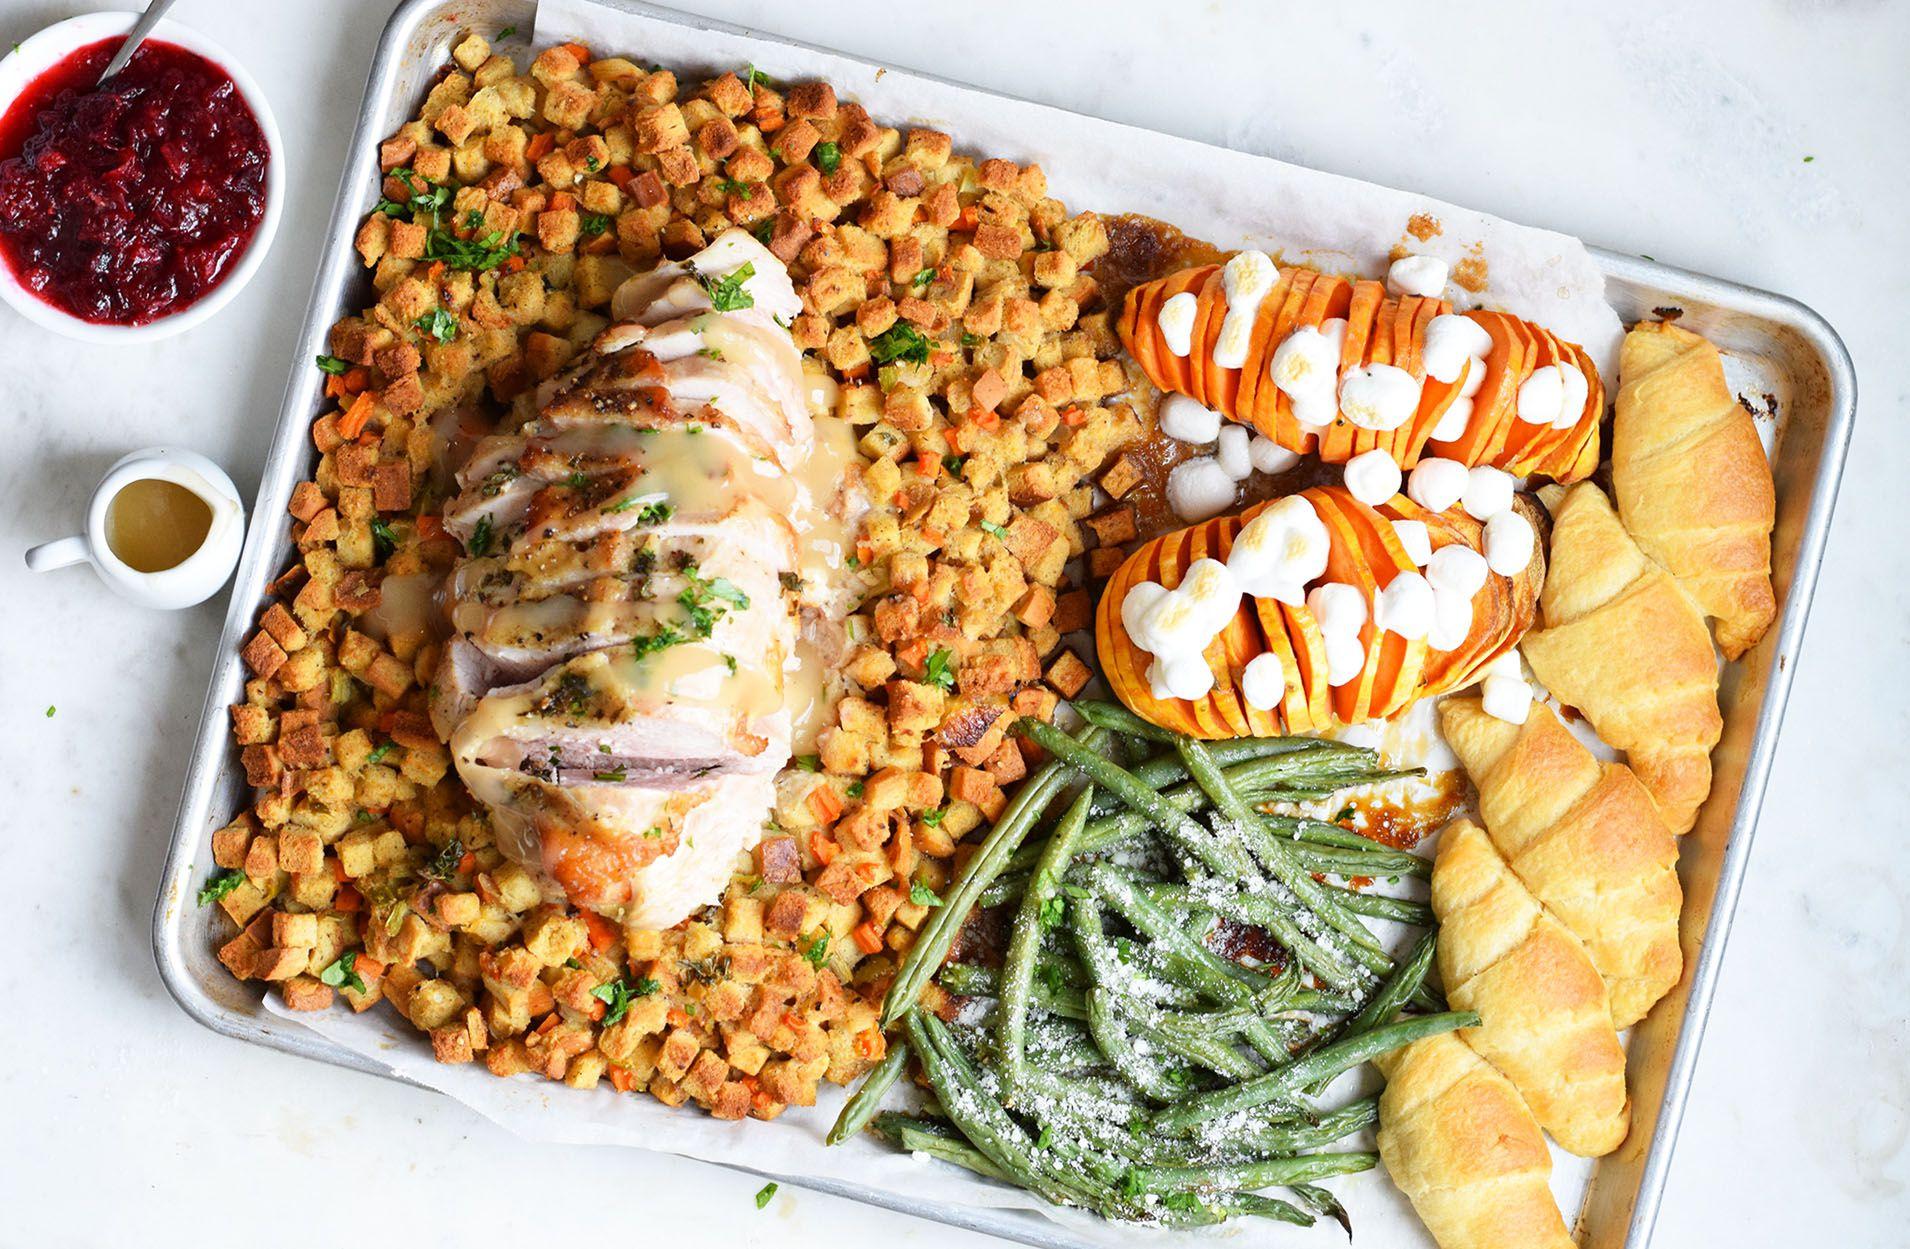 Sheet Pan Thanksgiving Dinner